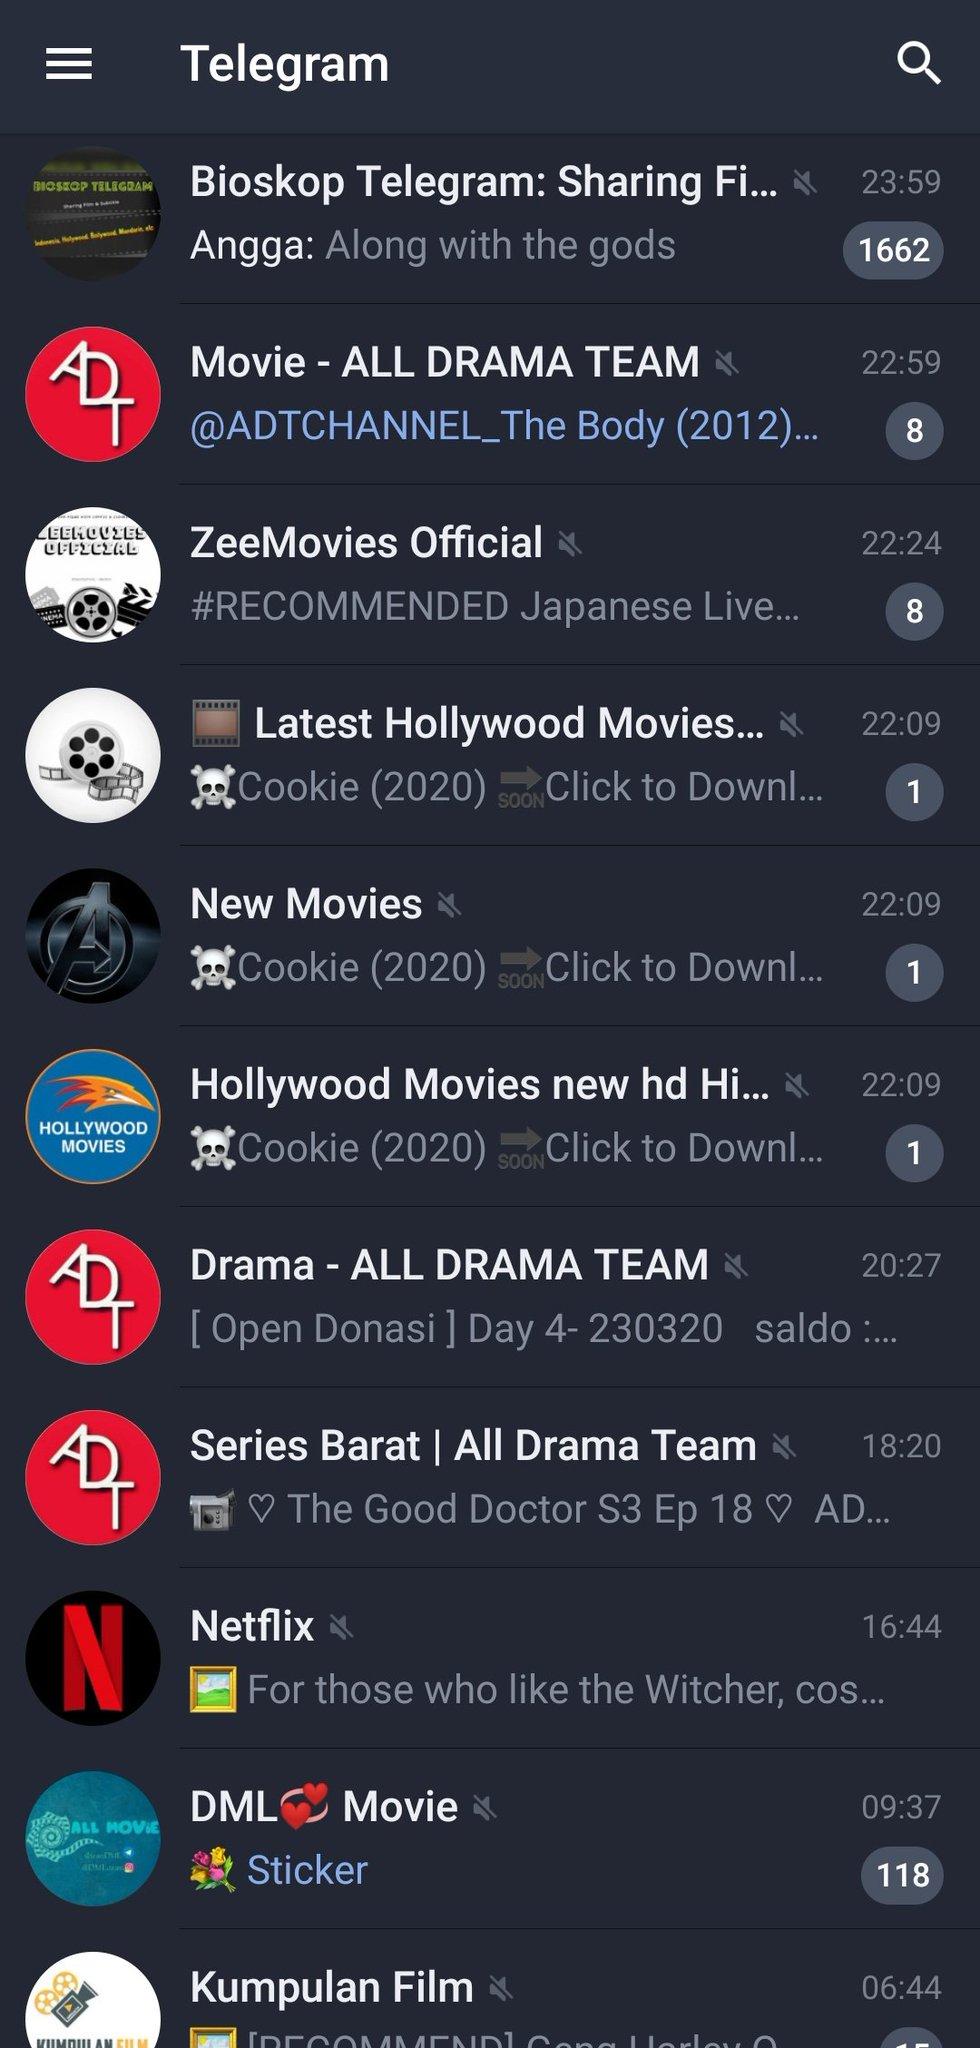 Нð¢ððš On Twitter Kumpulan Grup Dan Channel Film Telegram Karena Kebanyakan Yang Pada Dm Ke Aku Ttg Ini Aku Mau Share Grup Dan Channel Telegram Yang Bisa Dibuat Download Streaming Film Biar Ngga